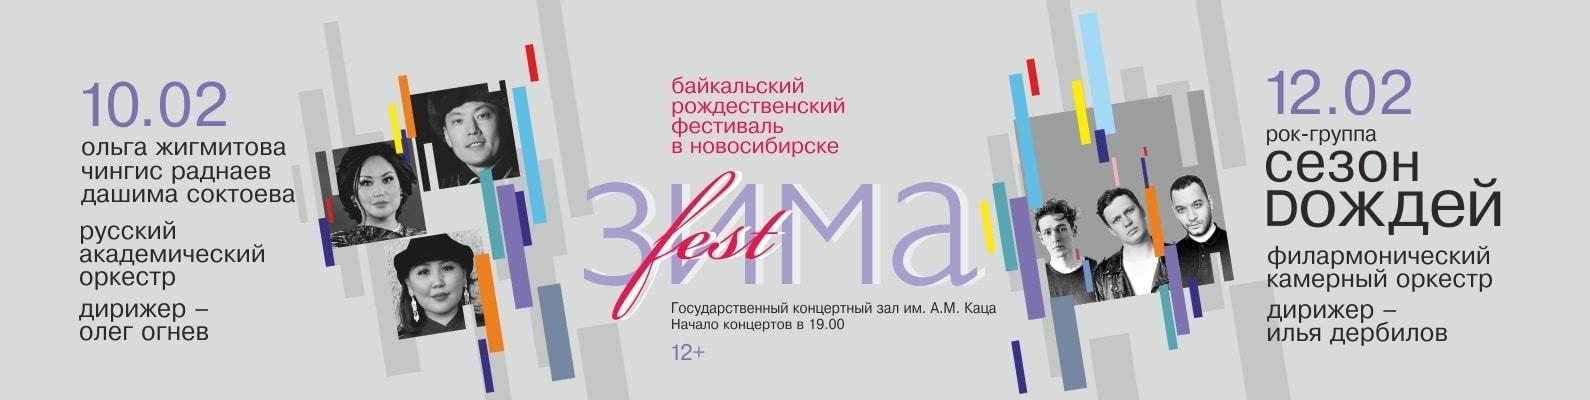 Артисты из Бурятии выступят в Новосибирской филармонии